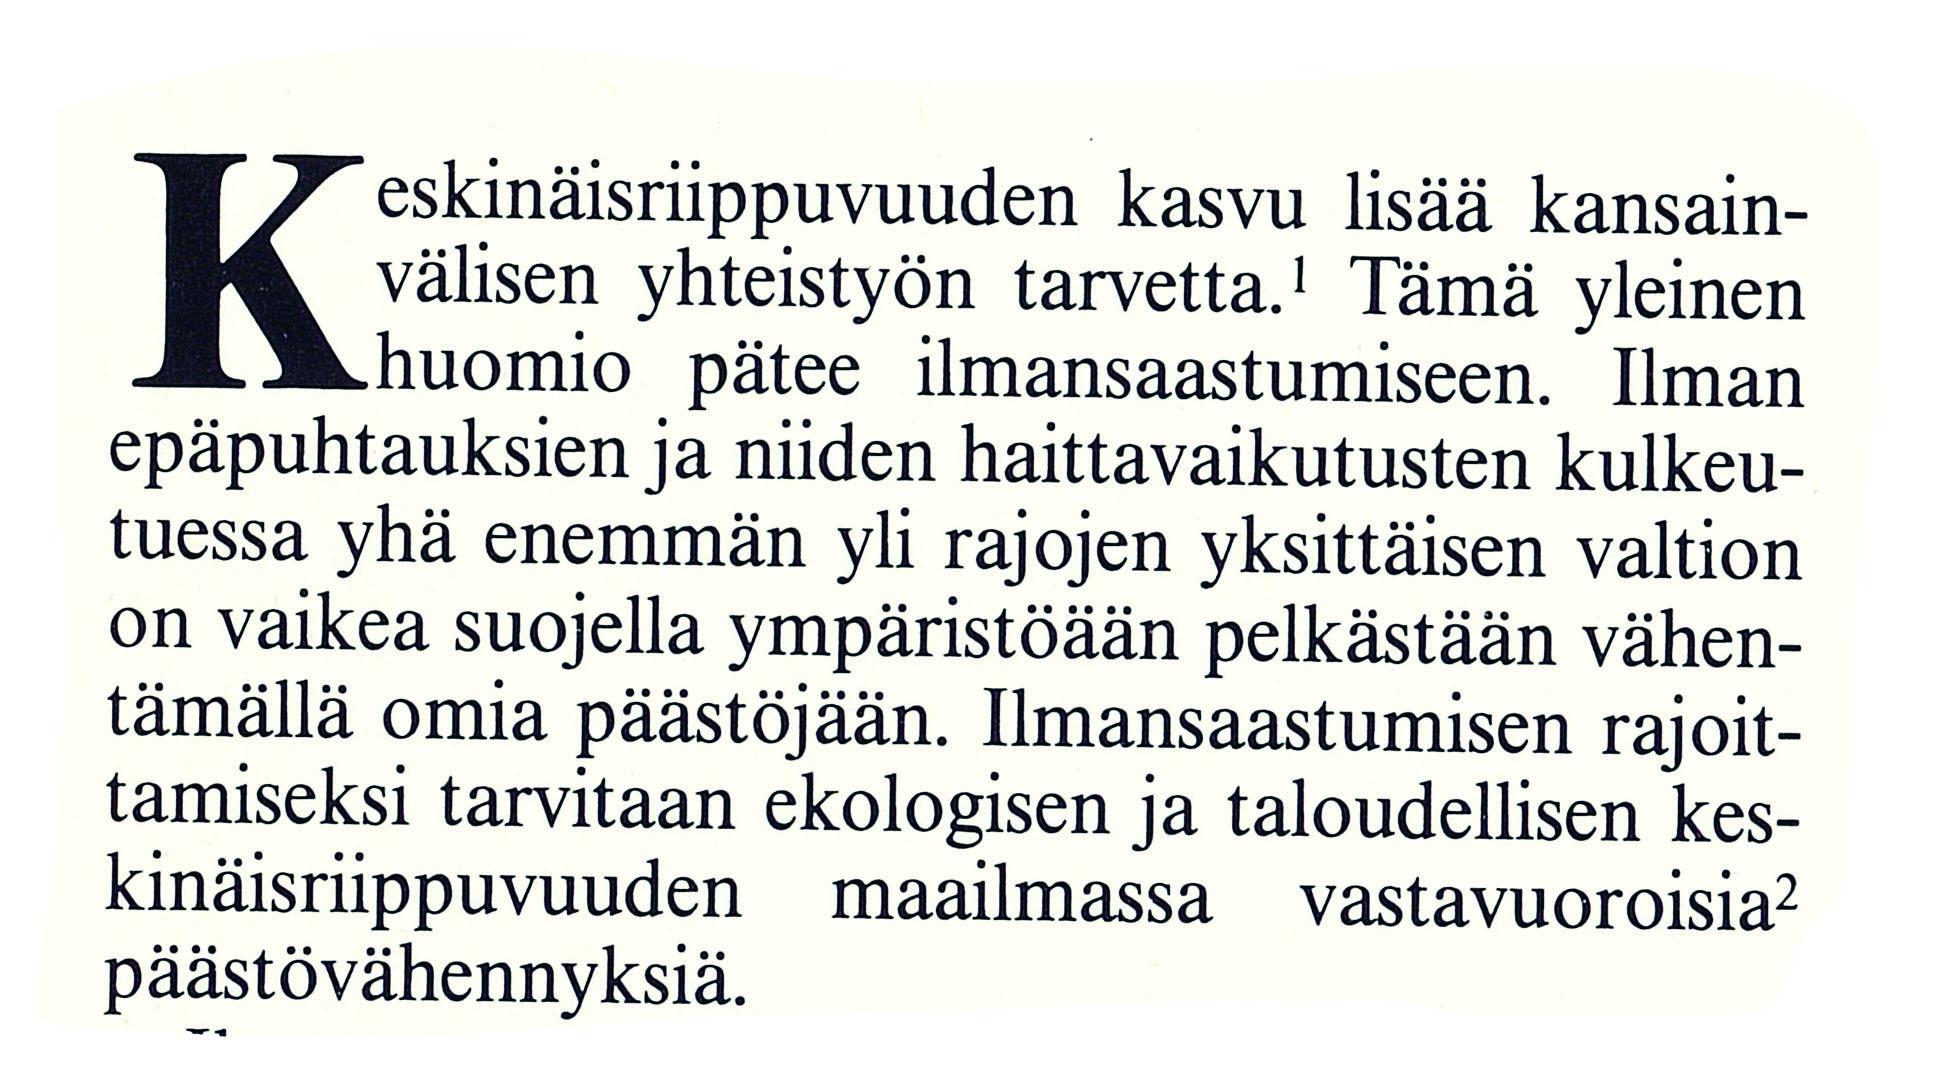 Ulkopolitiikka 4/1989, erikoistutkija Tapani Vaahtoranta